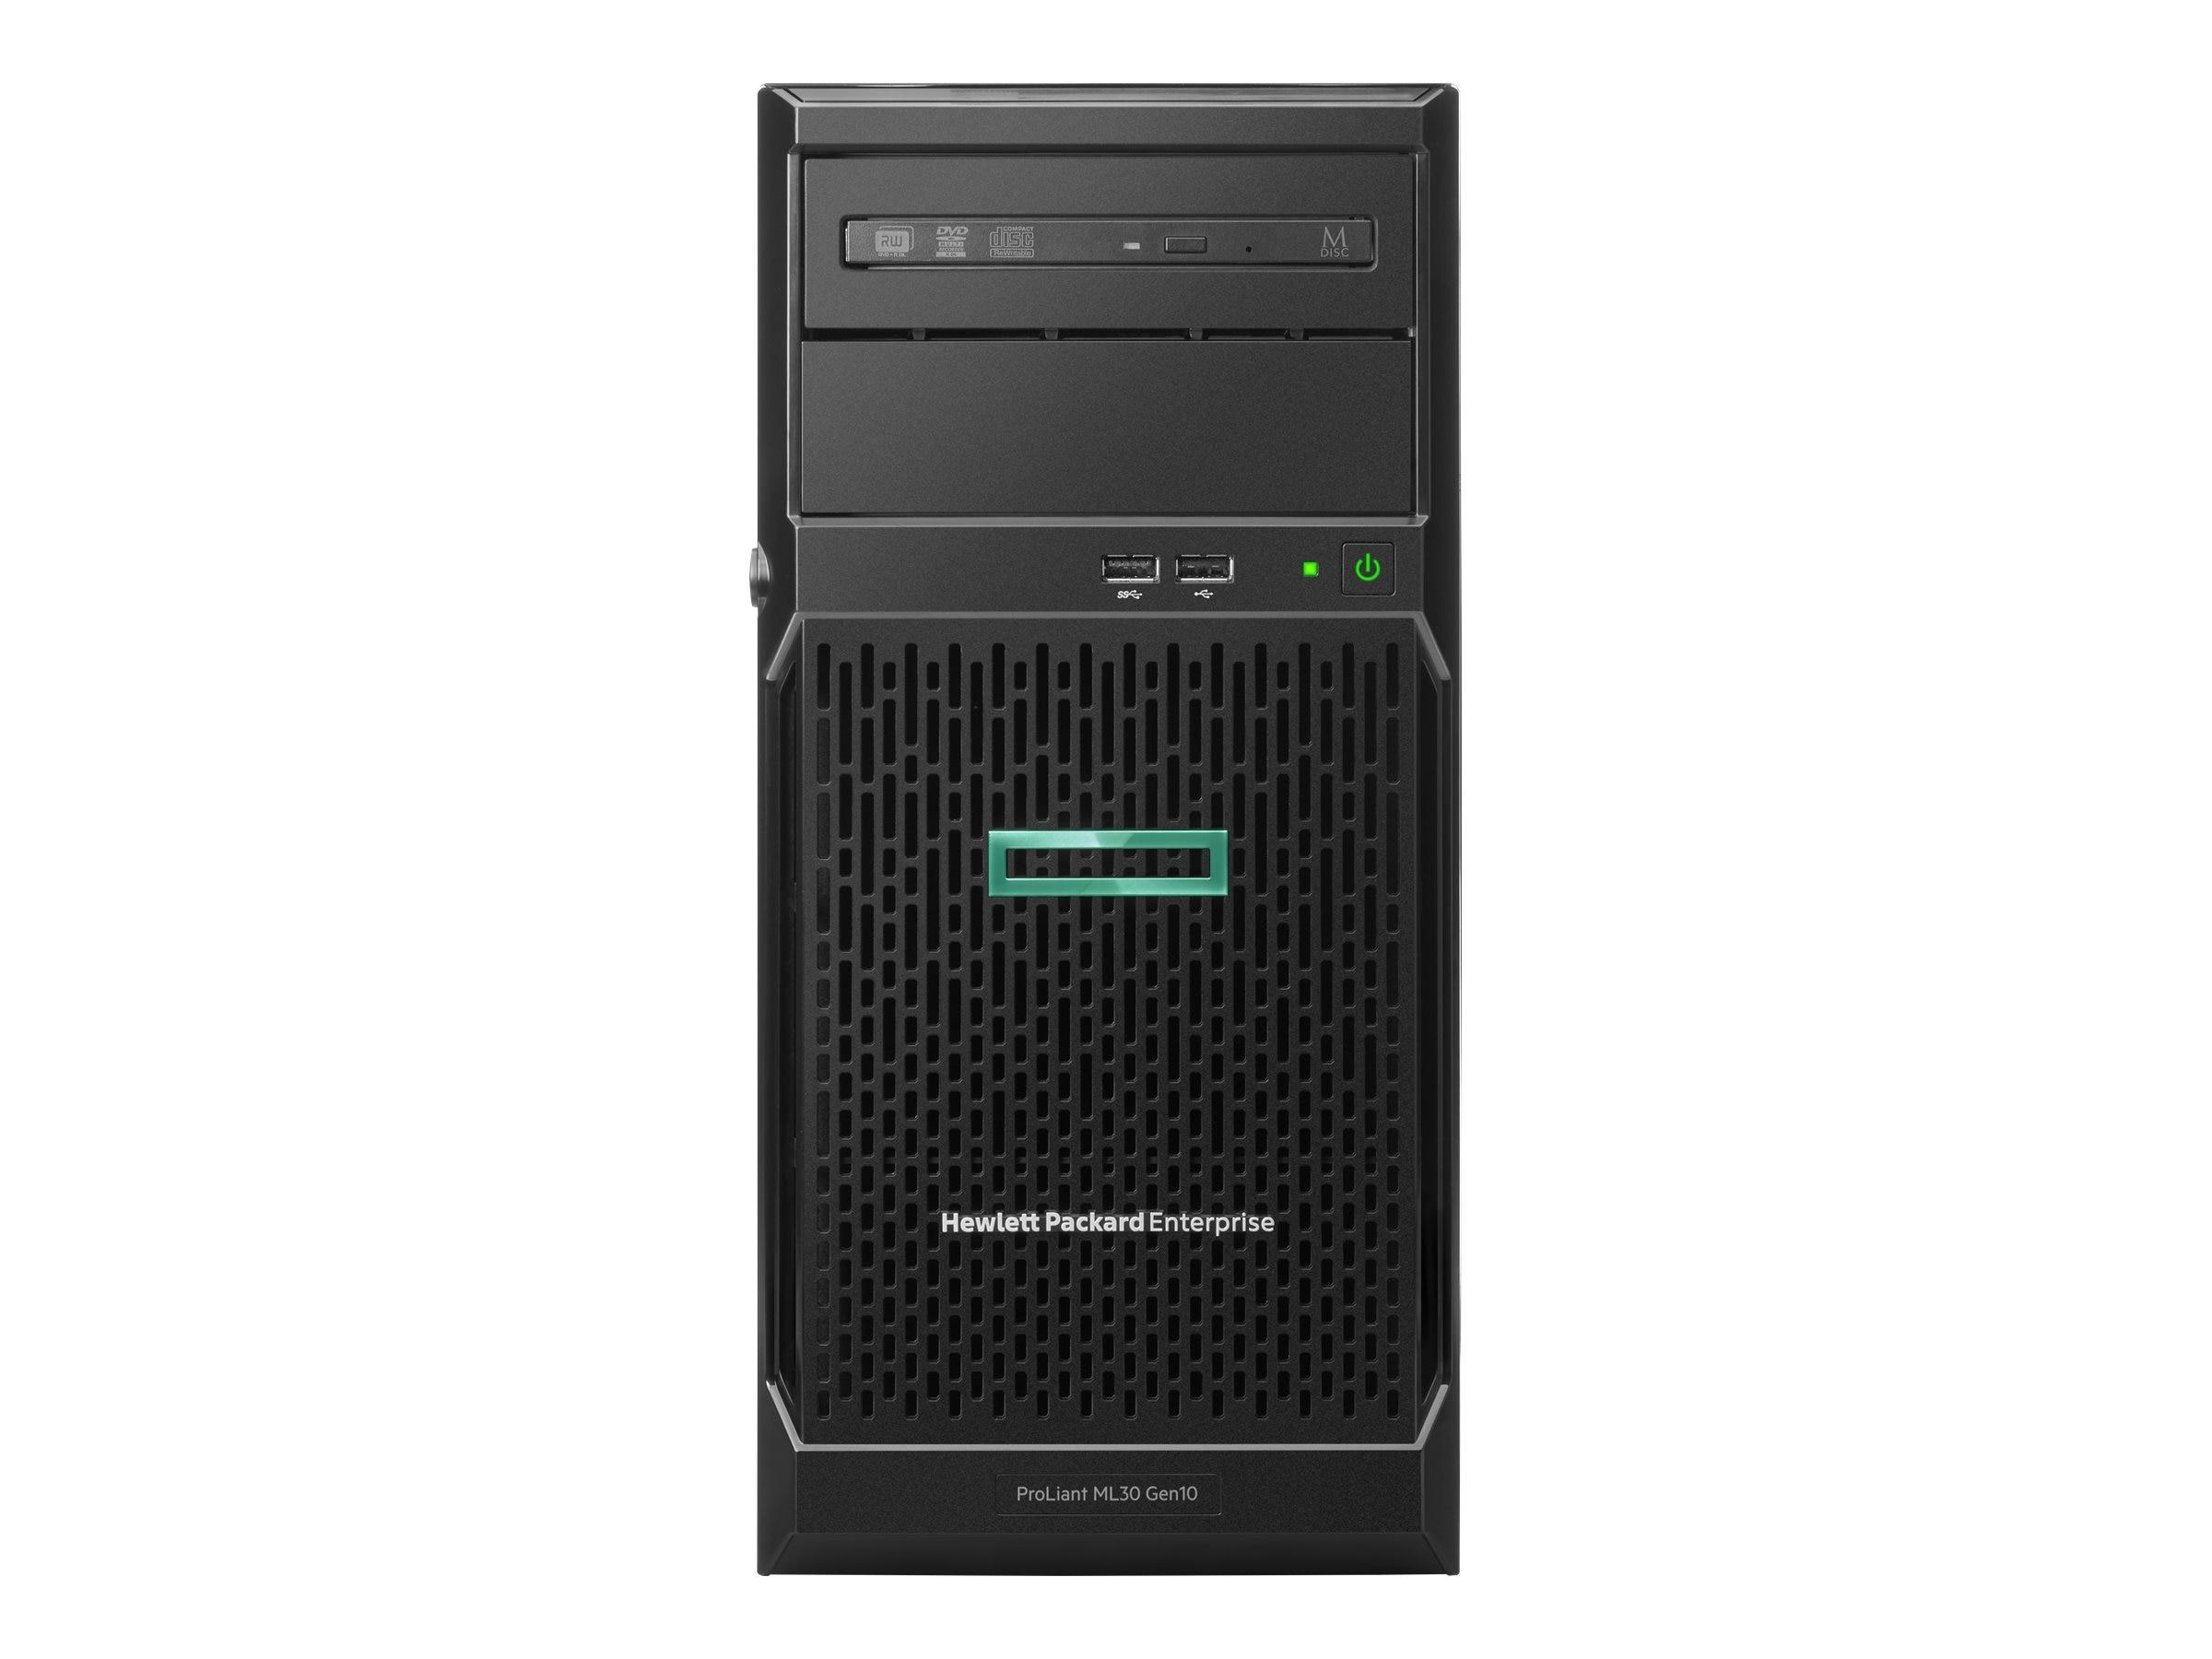 HPE ProLiant ML30 Gen10 Intel 3 5GHz Xeon